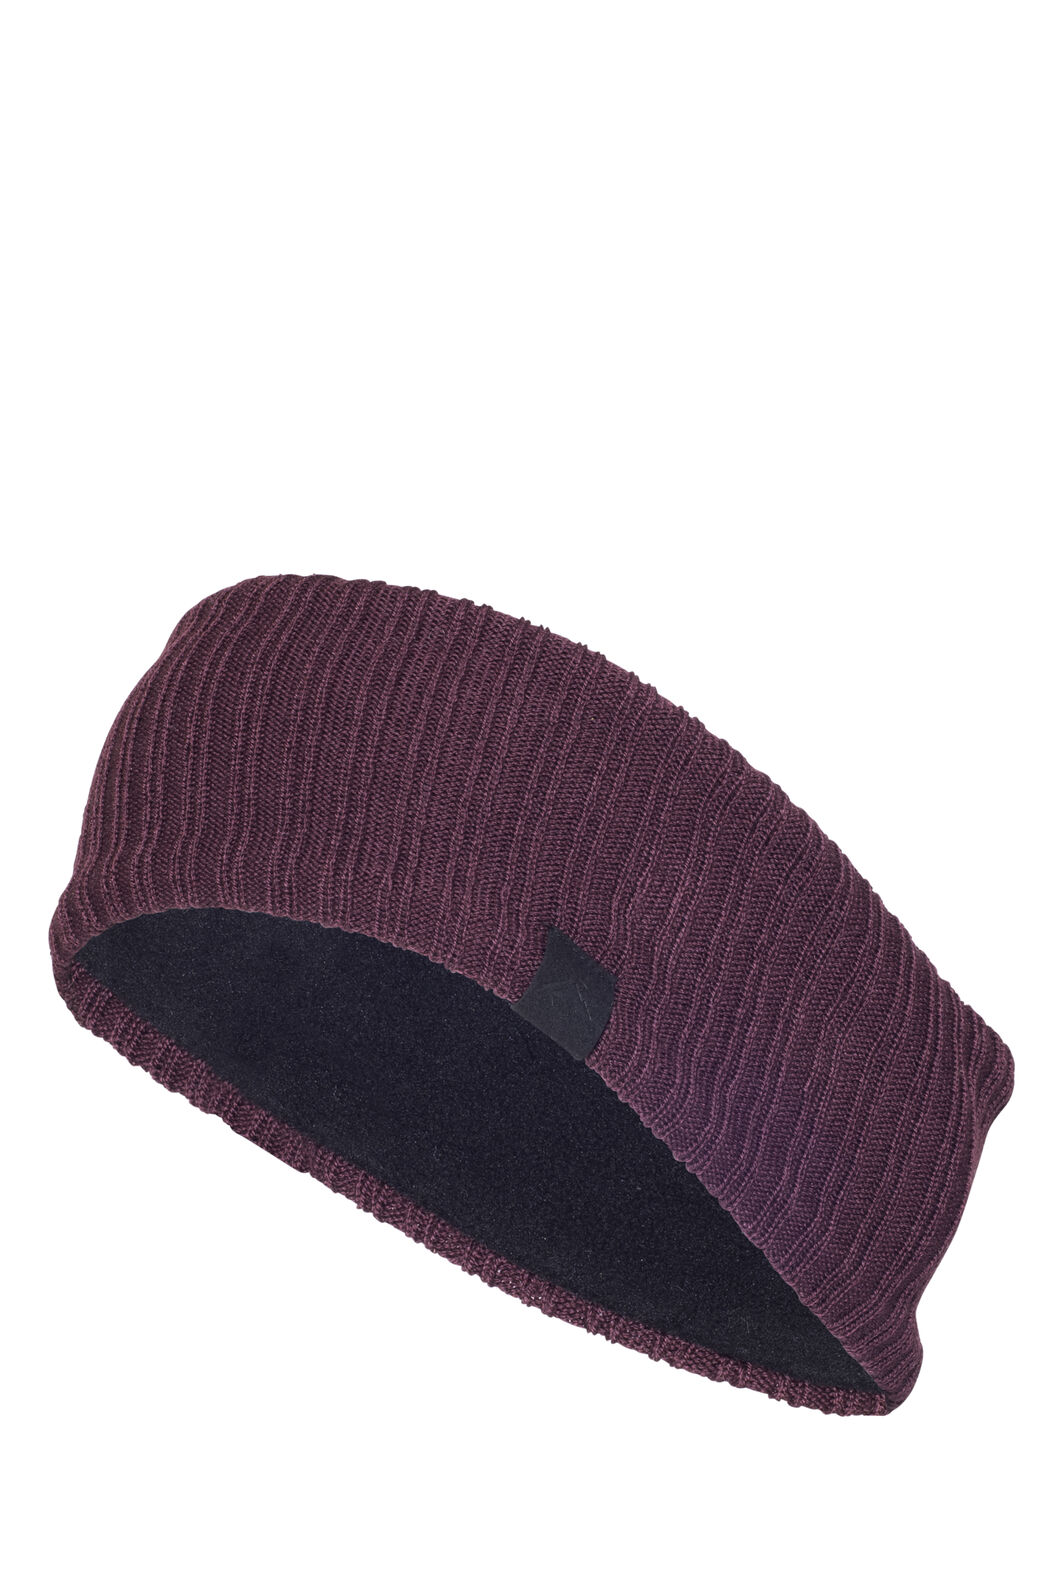 Macpac Merino Headband, Vineyard Wine, hi-res